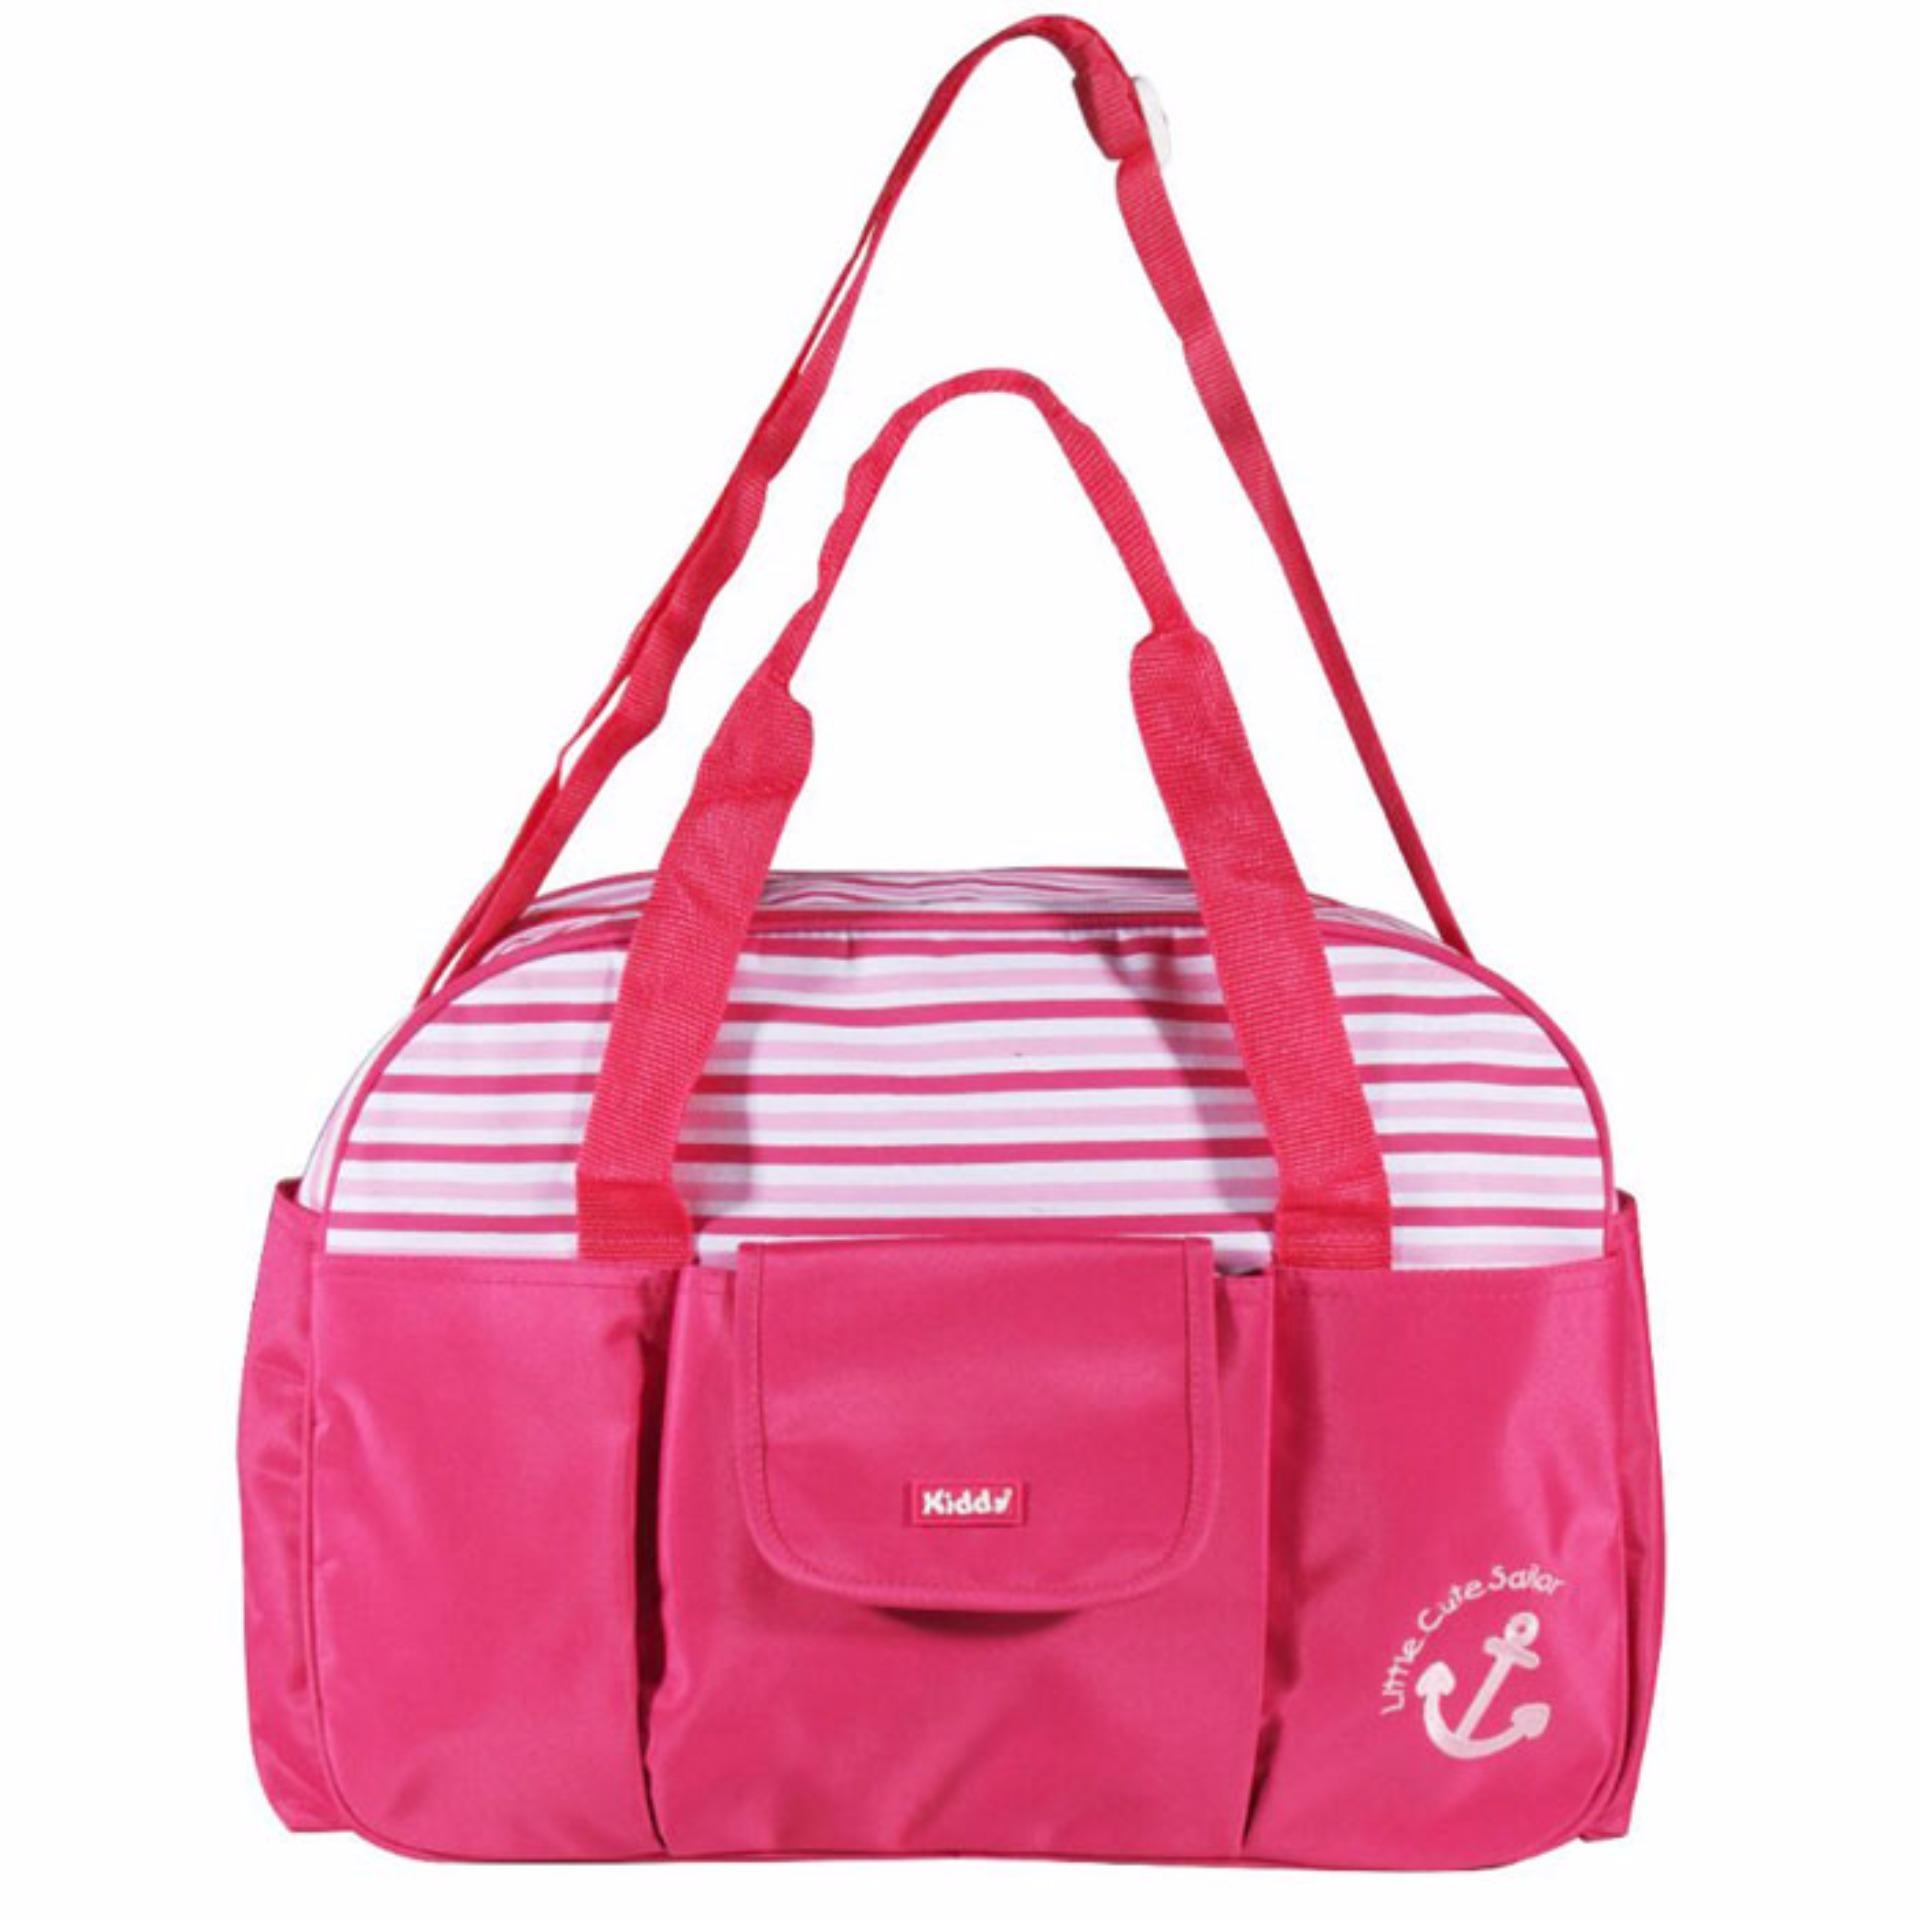 Beli Harga Diskon Baby Leon Paket Ekonomis 11 Perlengkapan Tas Bayi Medium Merk Snooby Tpt1572 Model Kantong Besar Kiddy Diaper Bag Kd5017 Pink